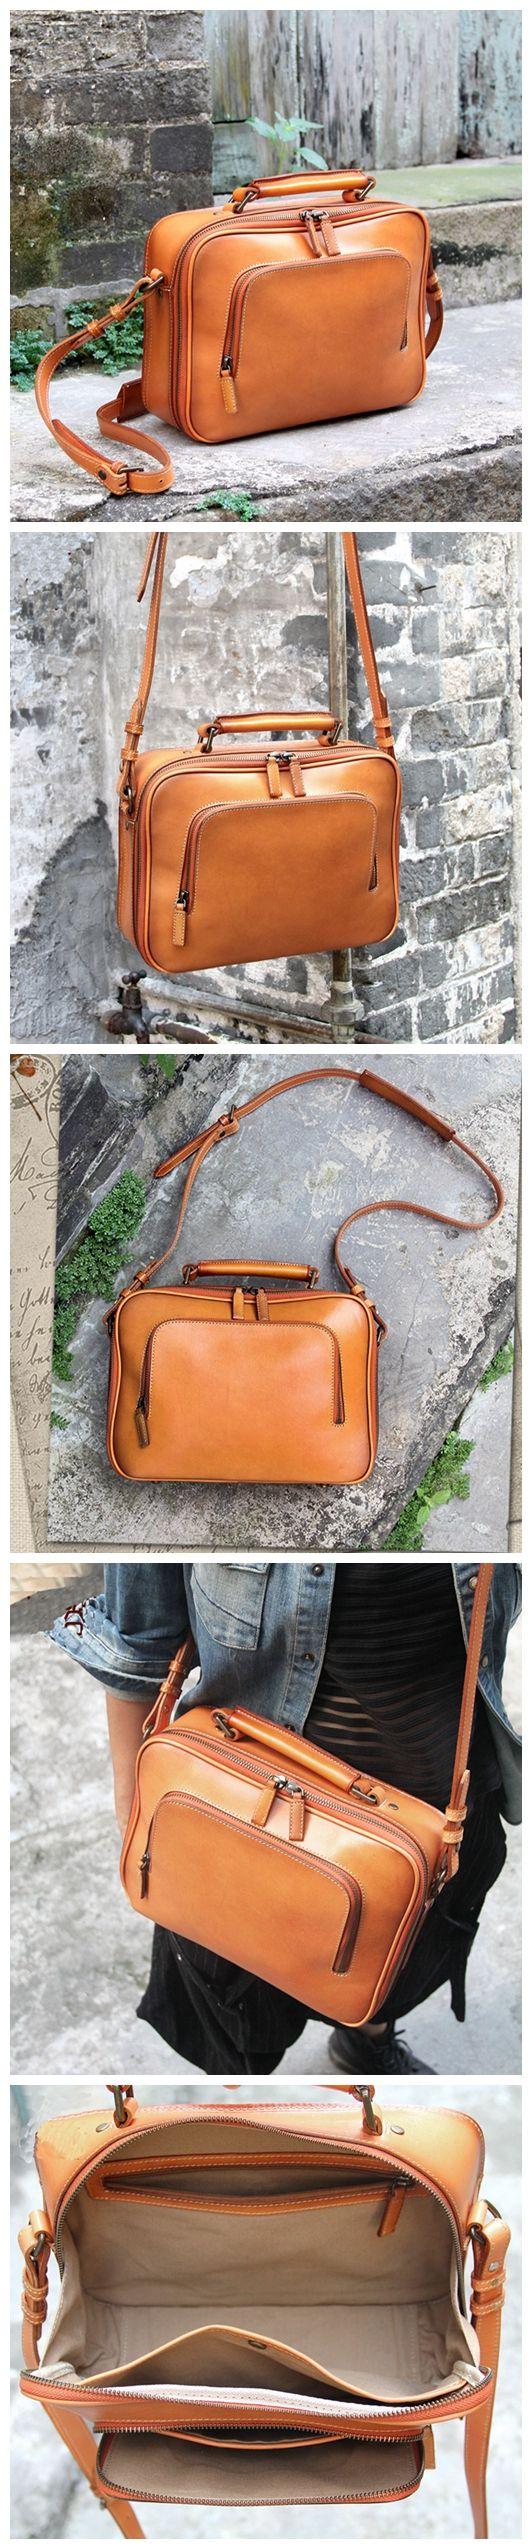 Handcrafted Vintage Vegetable Tanned Leather Messenger Women's Fashion Bag Handbag Leather Shoulder Bag Casual Satchel 14089 Overview: Design: Vintage Vegetable Tanned Leather Messenger In Stock: 4-5